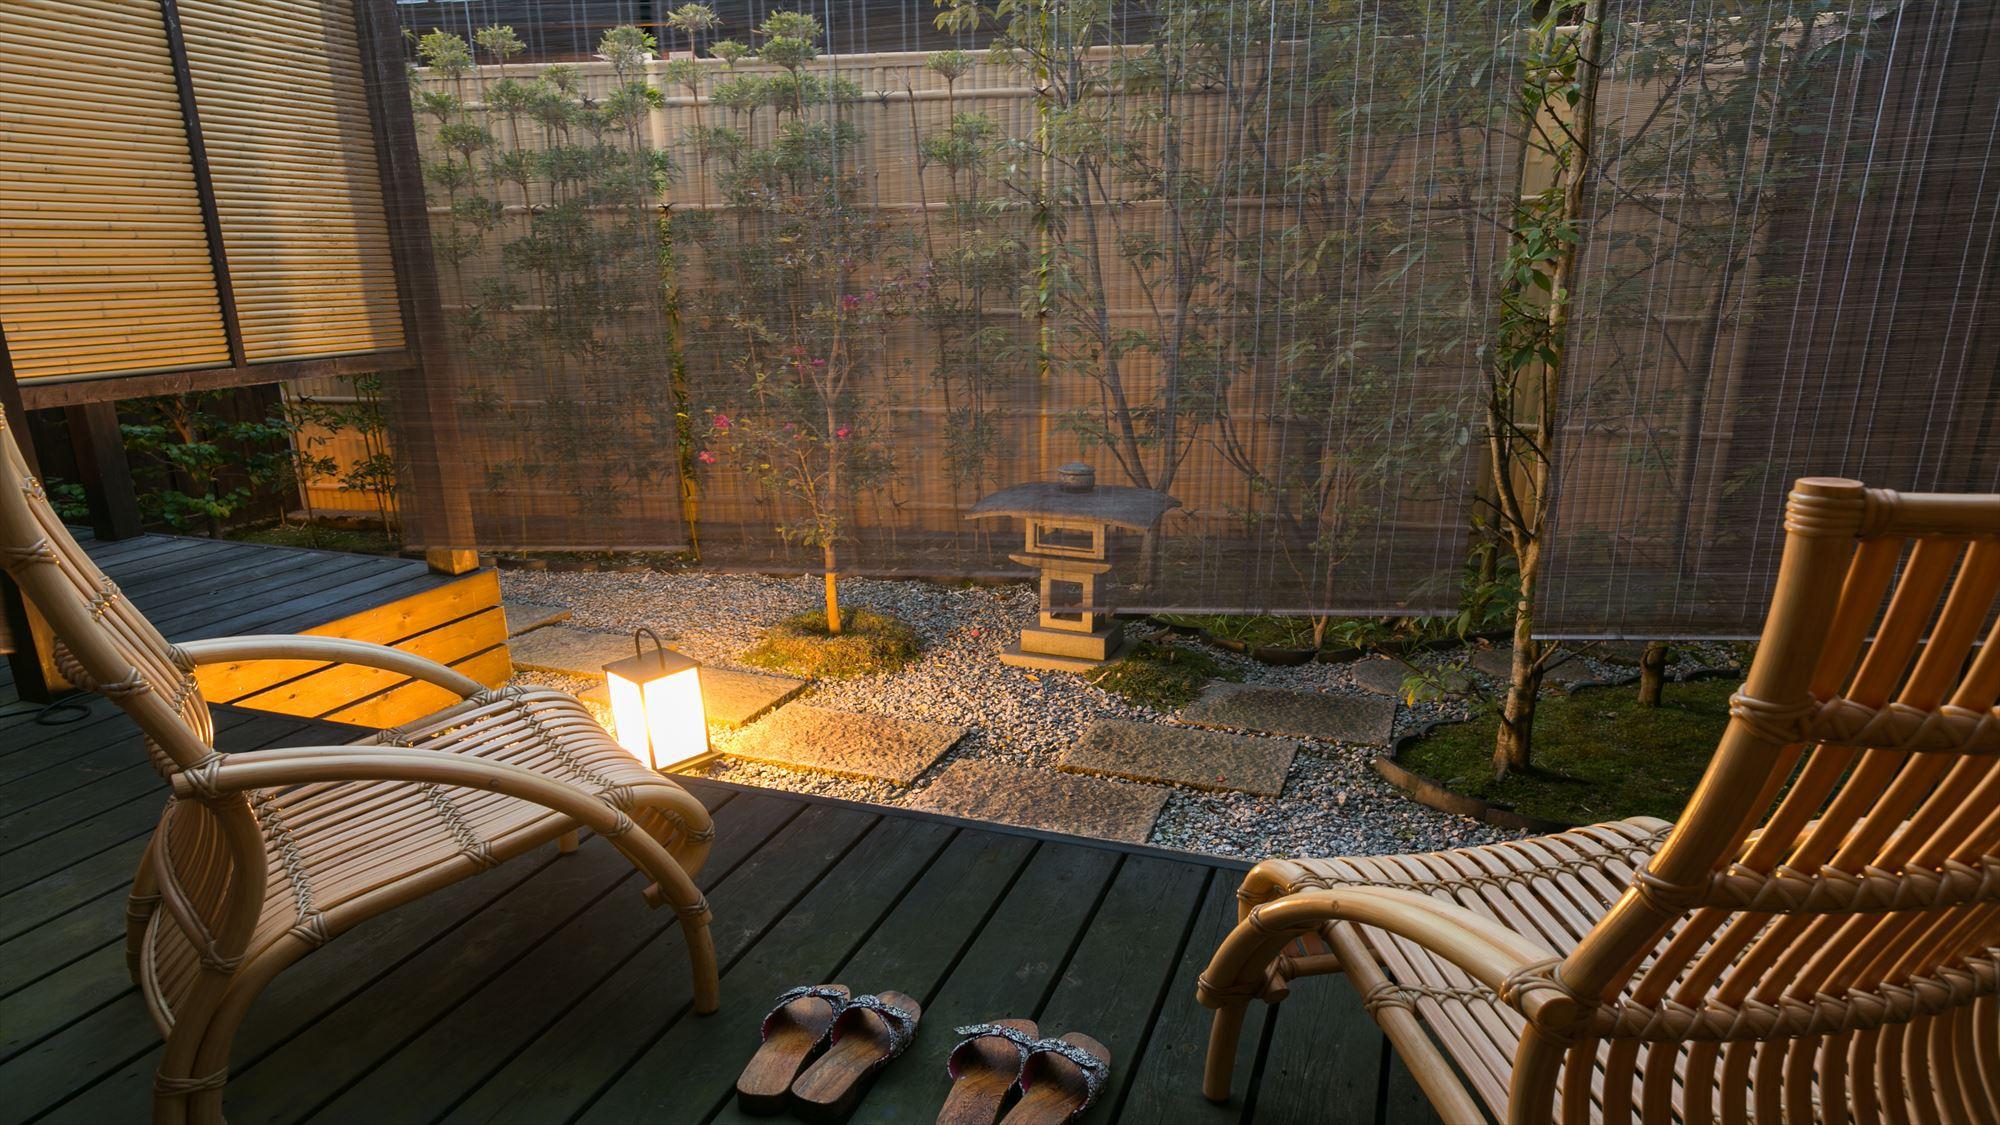 露天風呂付き客室【竹】のお部屋庭に面したデッキで夕涼み